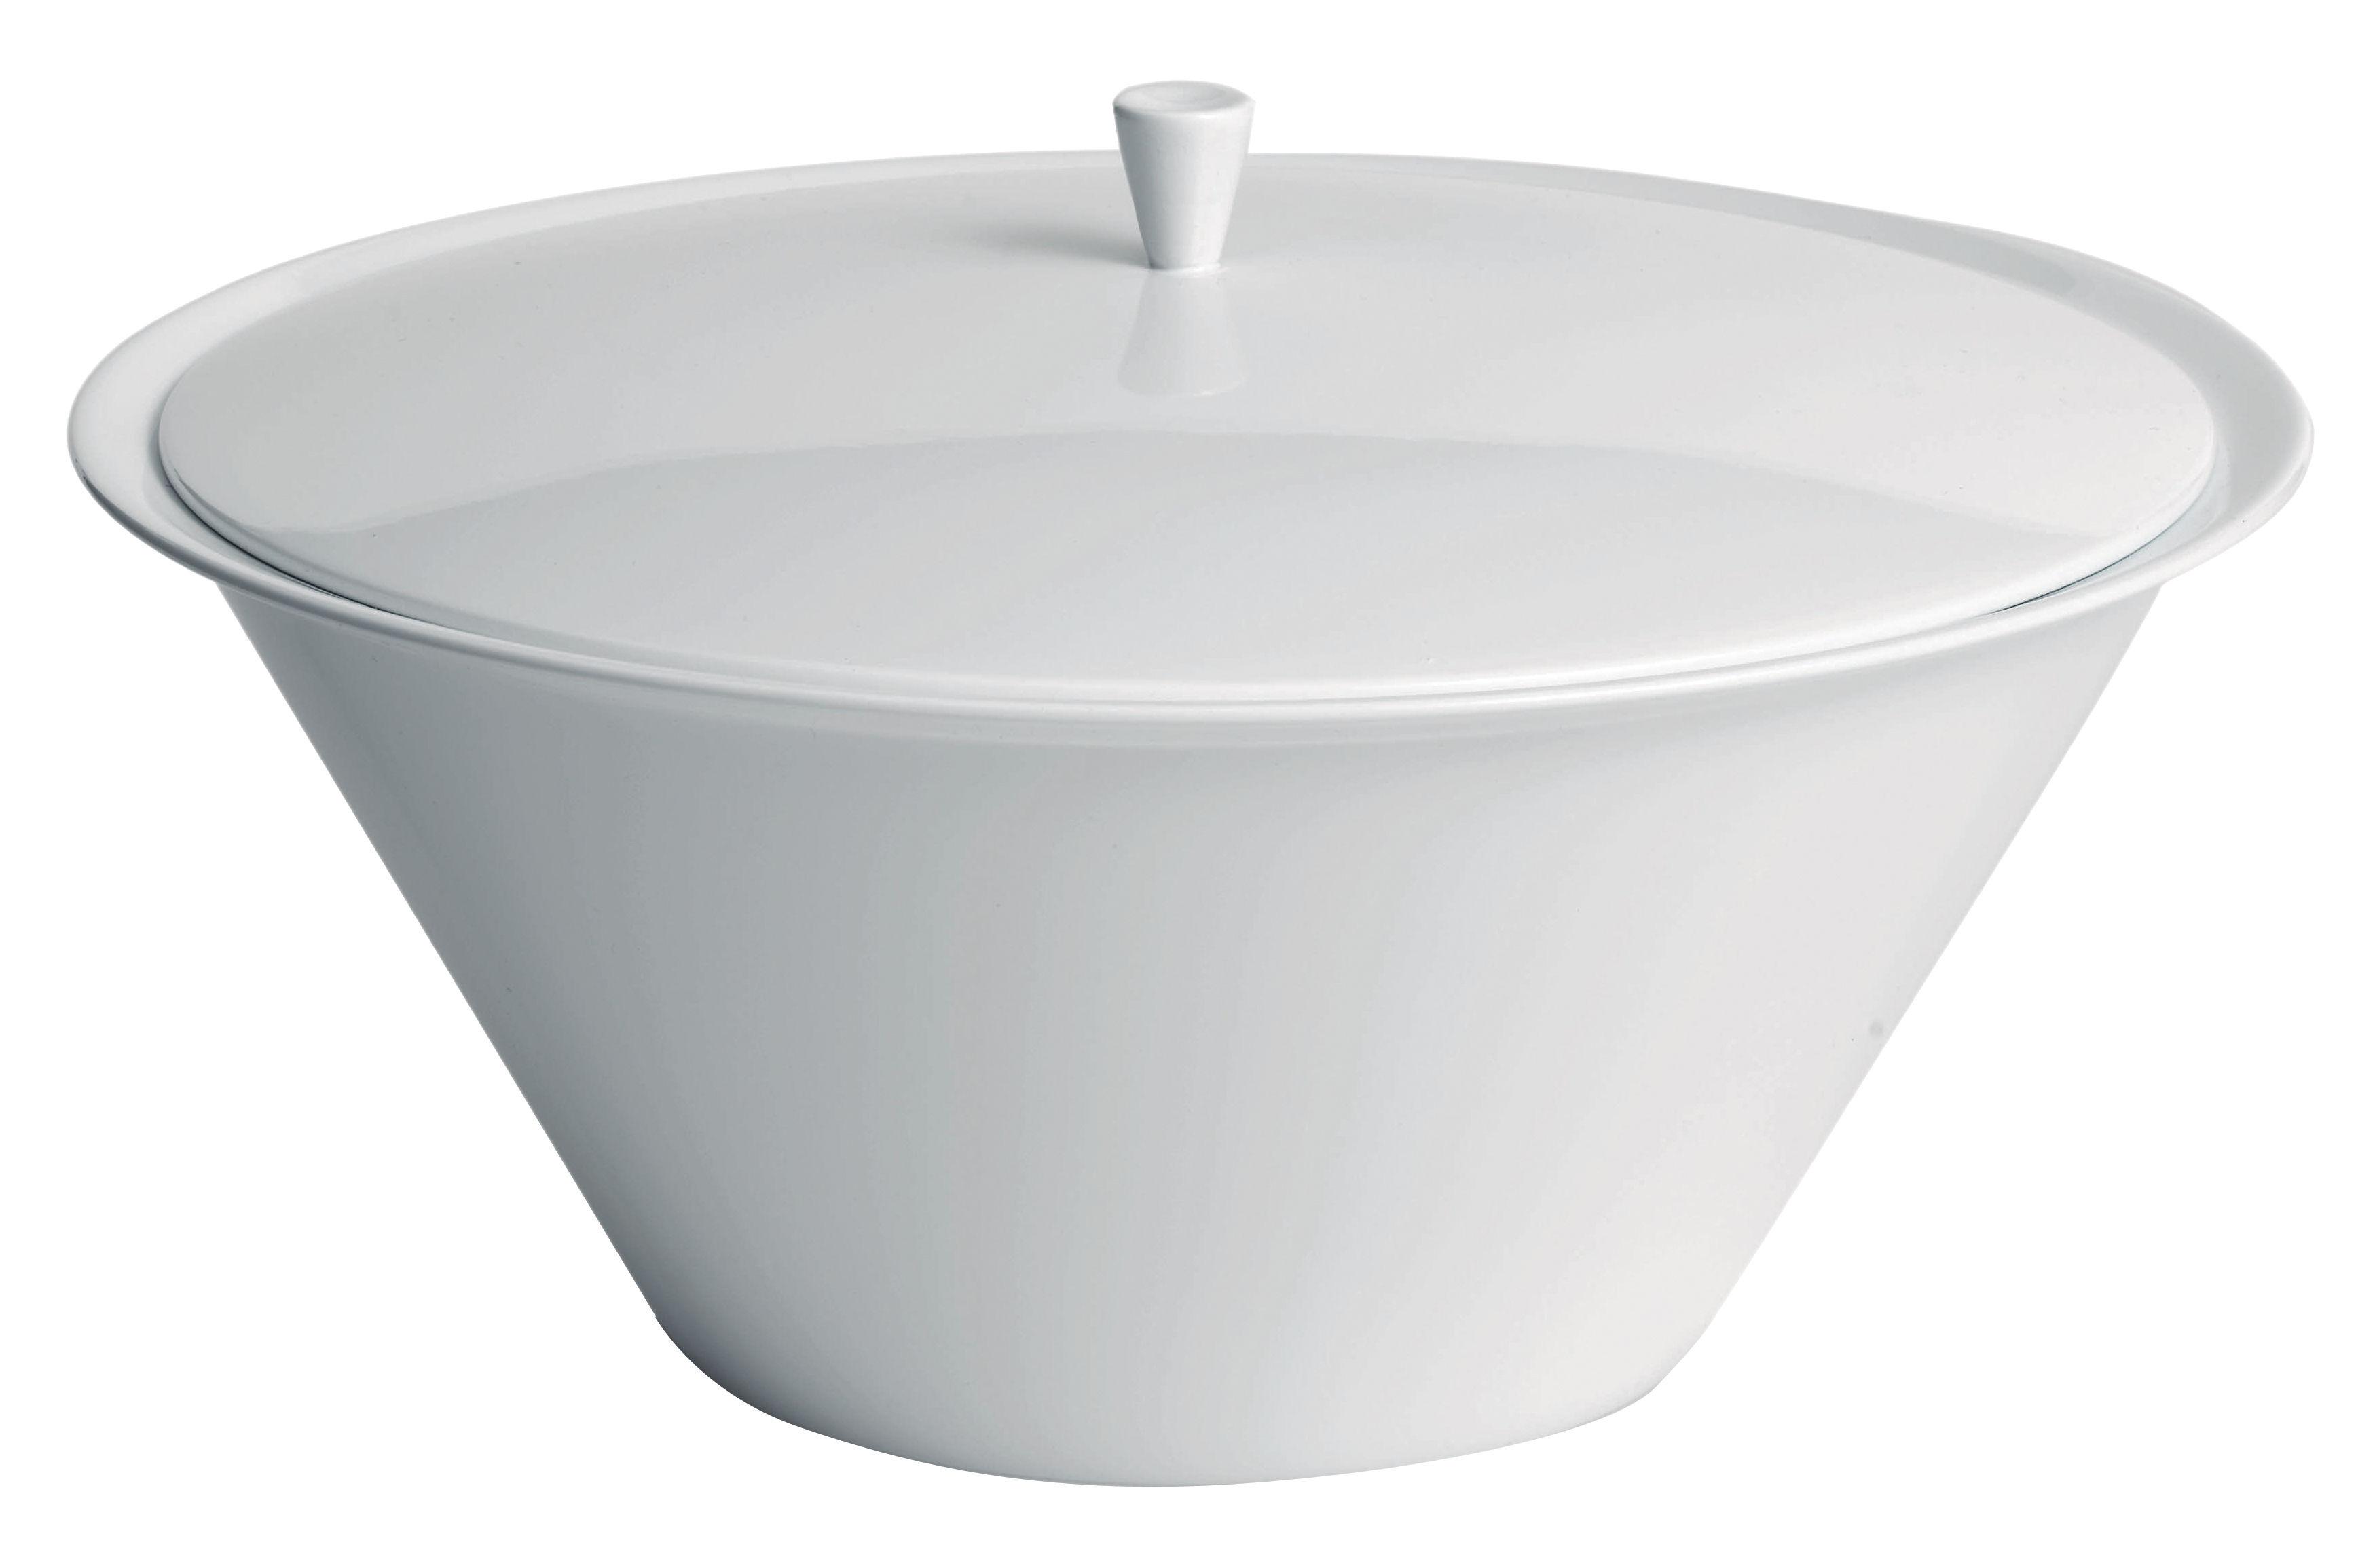 Küche - Zuckerdosen und Milchkännchen - Anatolia Zuckerdose - Driade Kosmo - Weiß - Porzellan